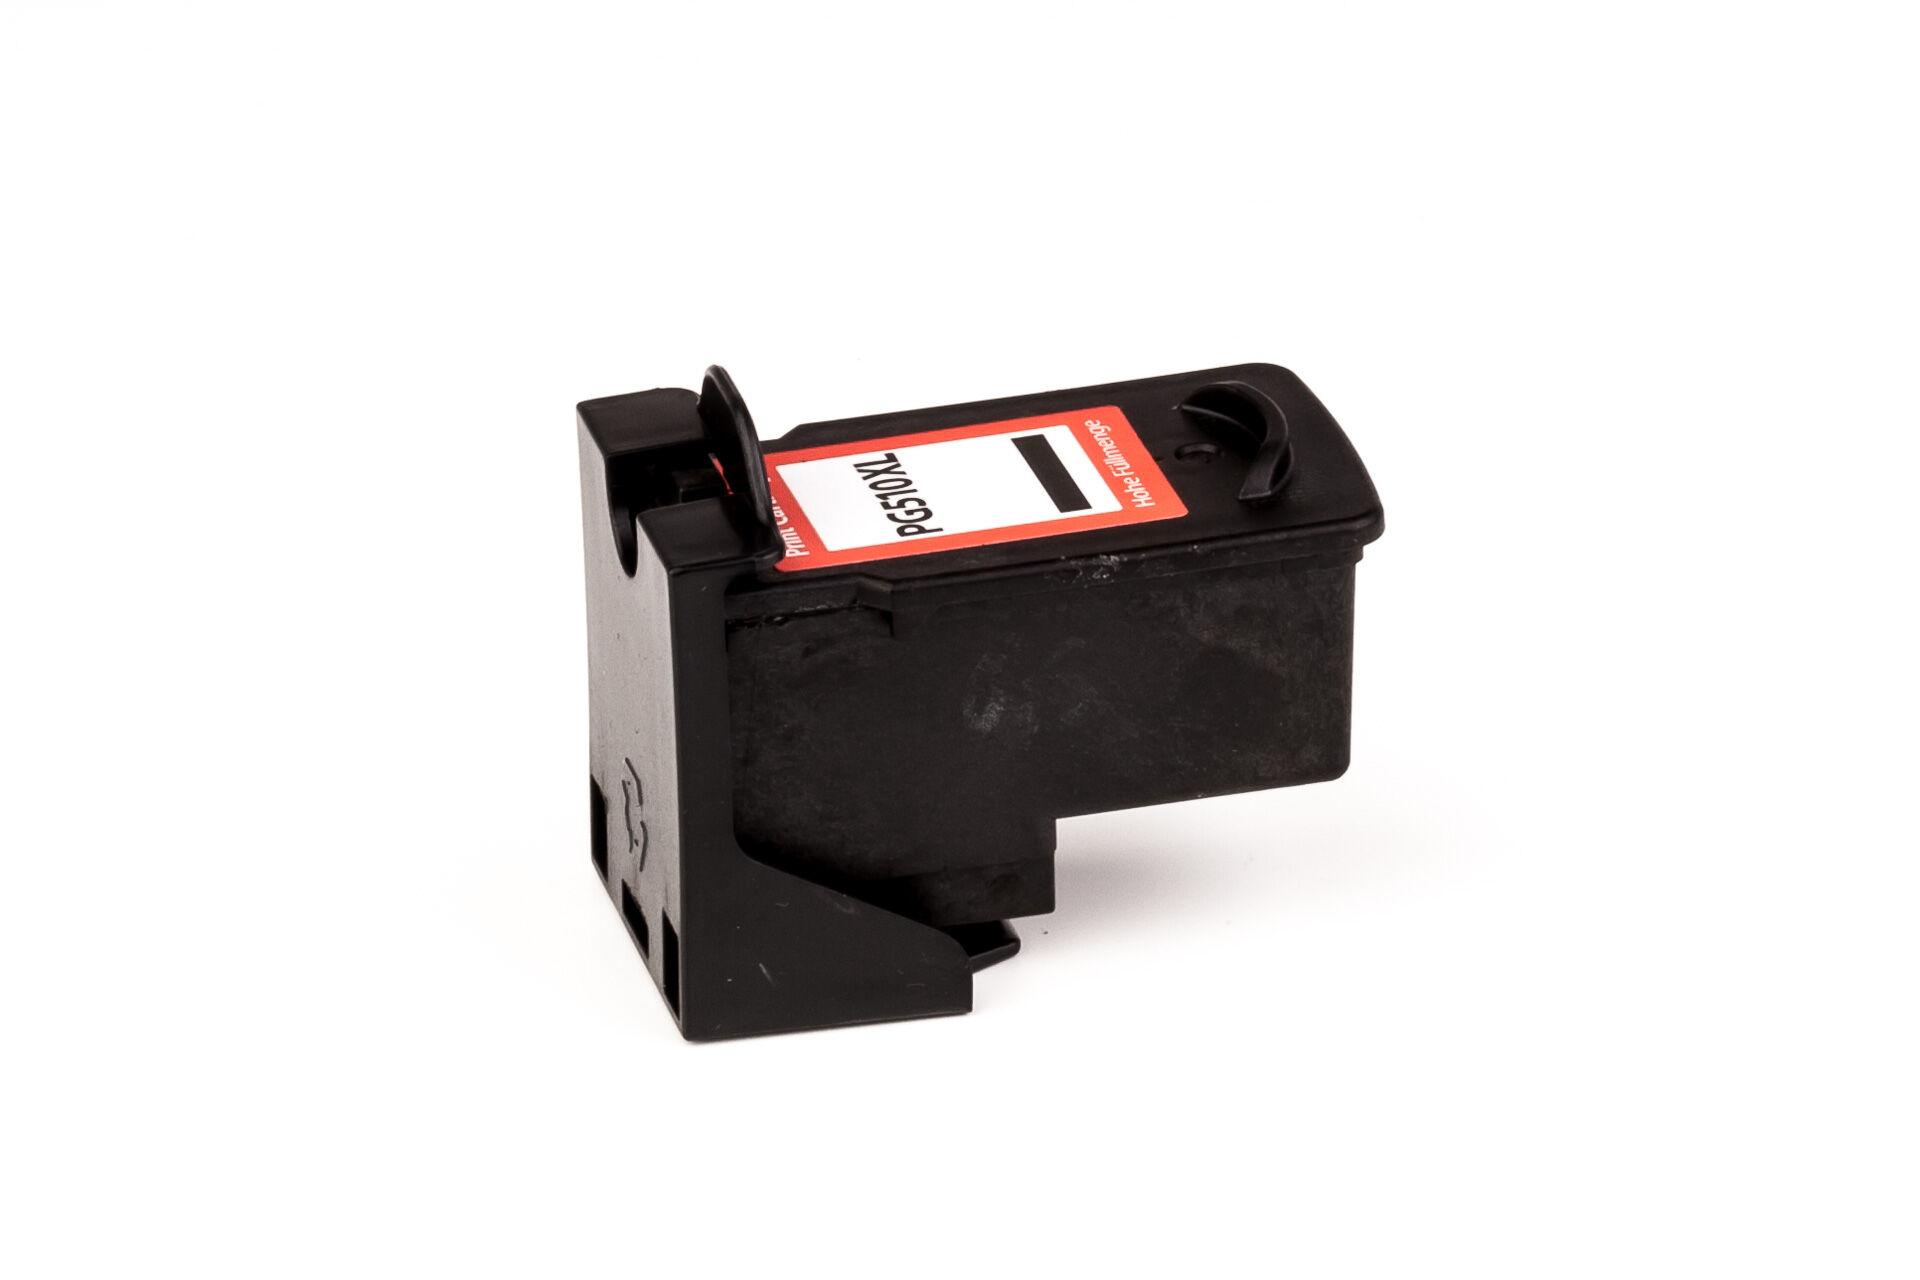 Canon Cartouche d'encre pour Canon 2970B001 / PG-510 noir compatible (de marque ASC)